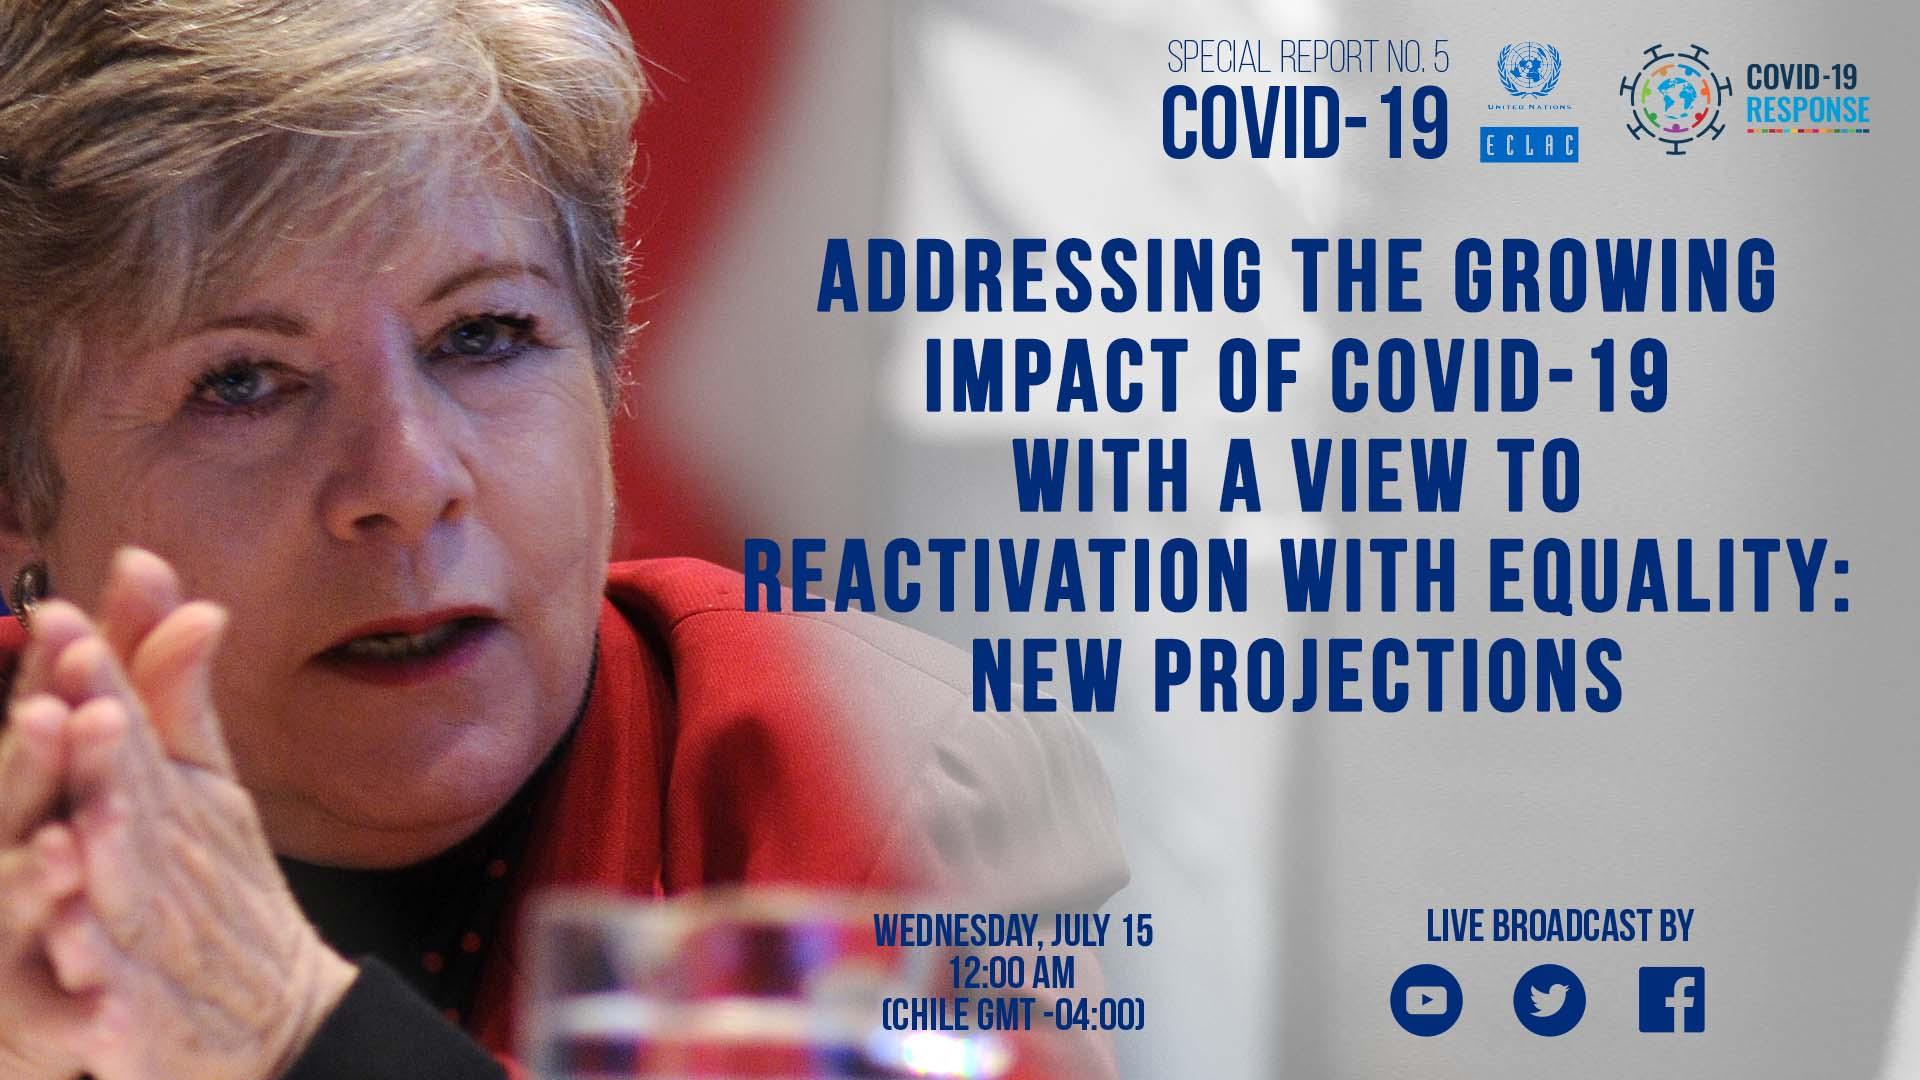 Banner annoucemente Special Report COVID-19 No. 5 Alicia Bárcena